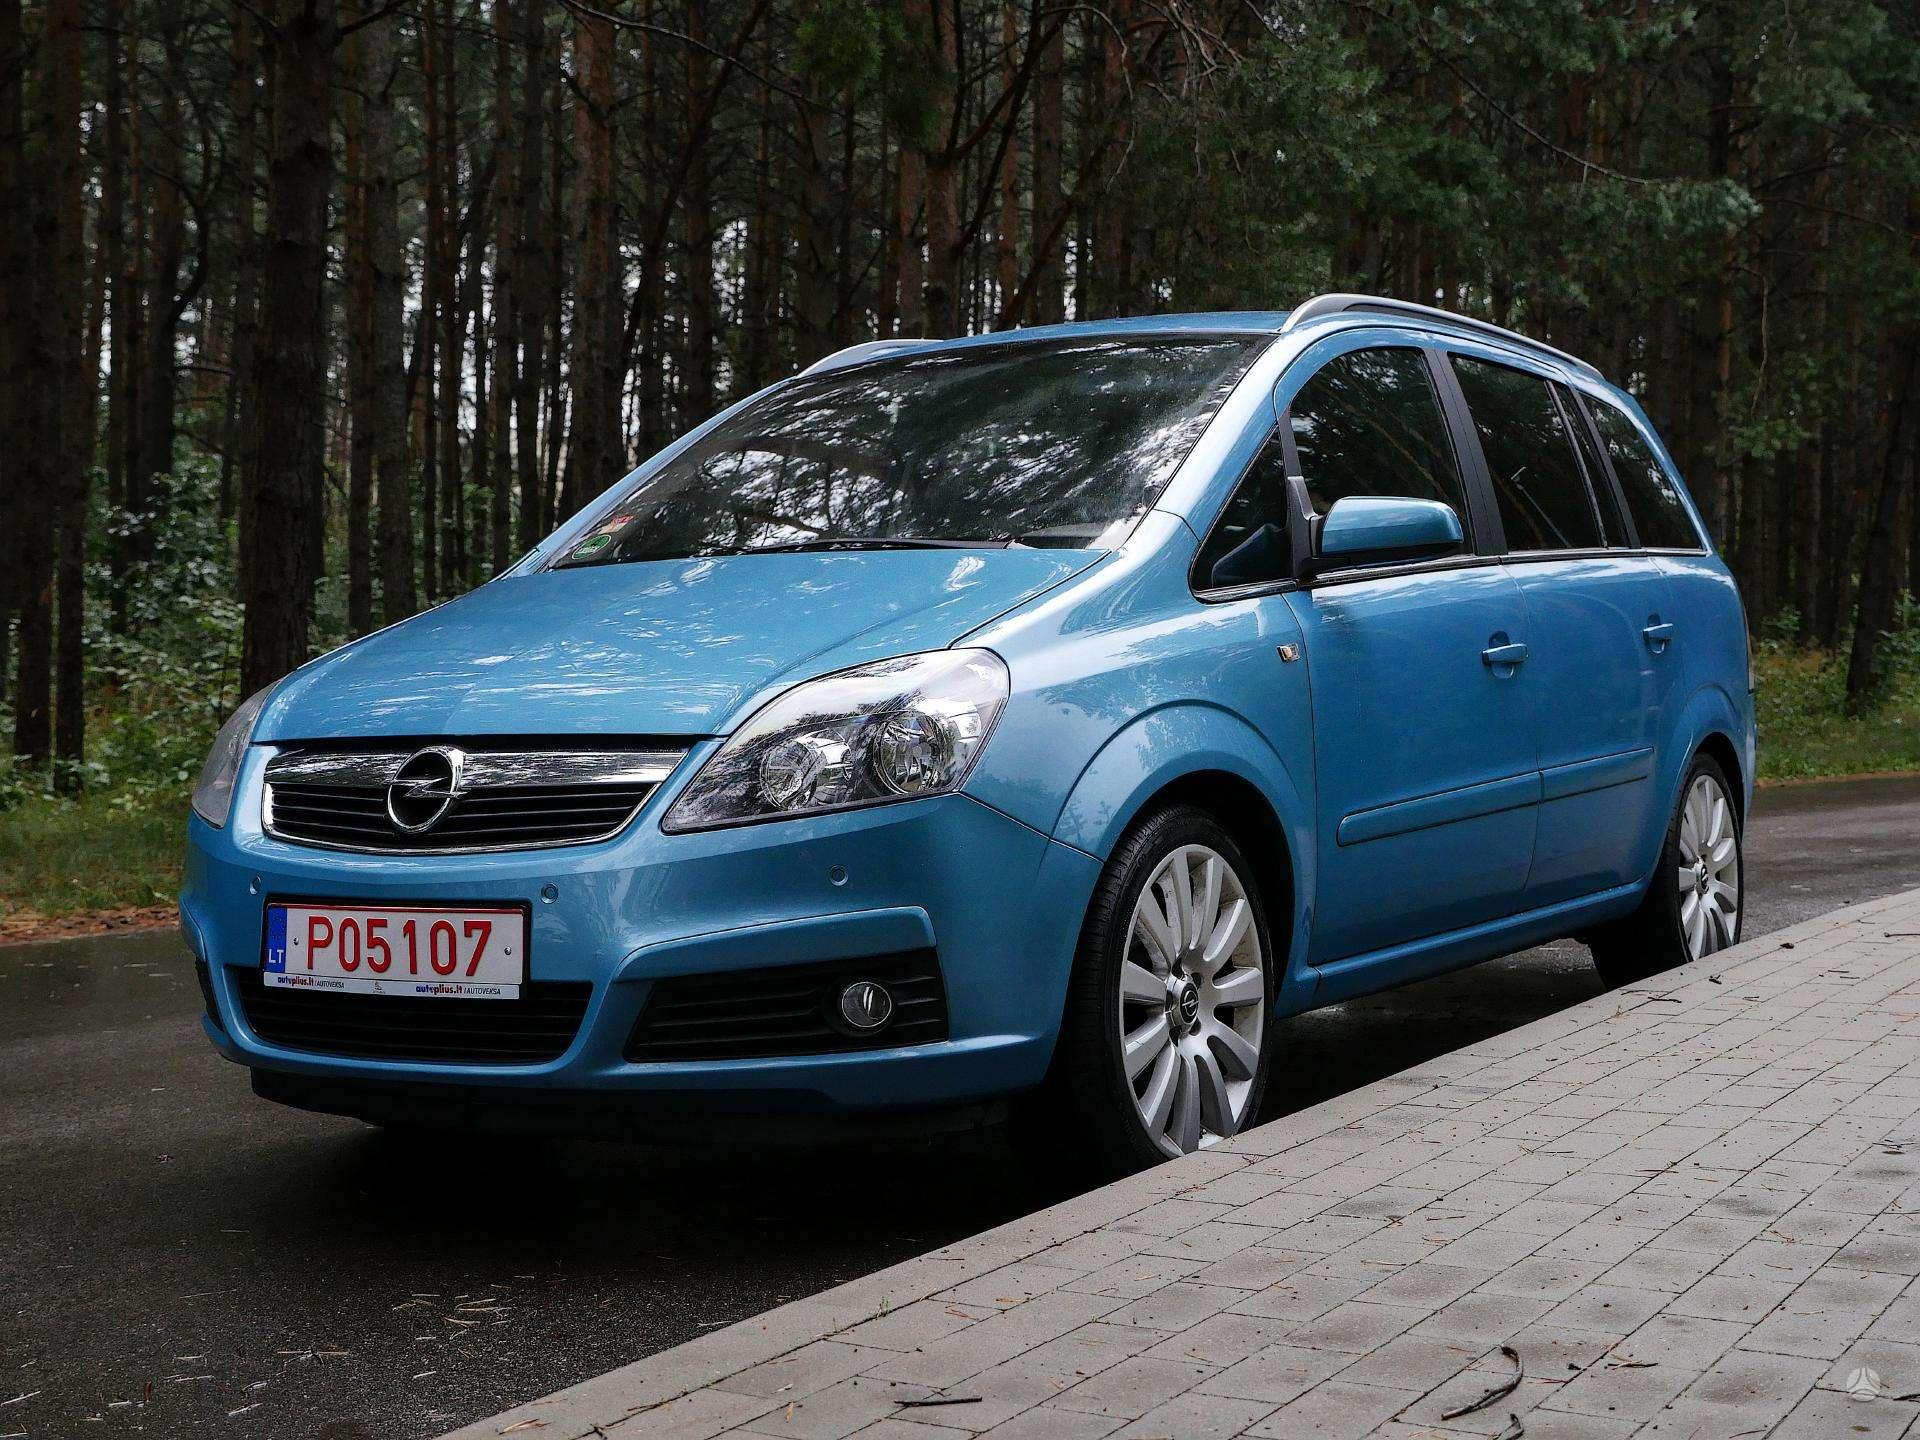 Opel Zafira Išsimokėtinai nuo 75Eur/Mėn su 3 mėnesių garantija